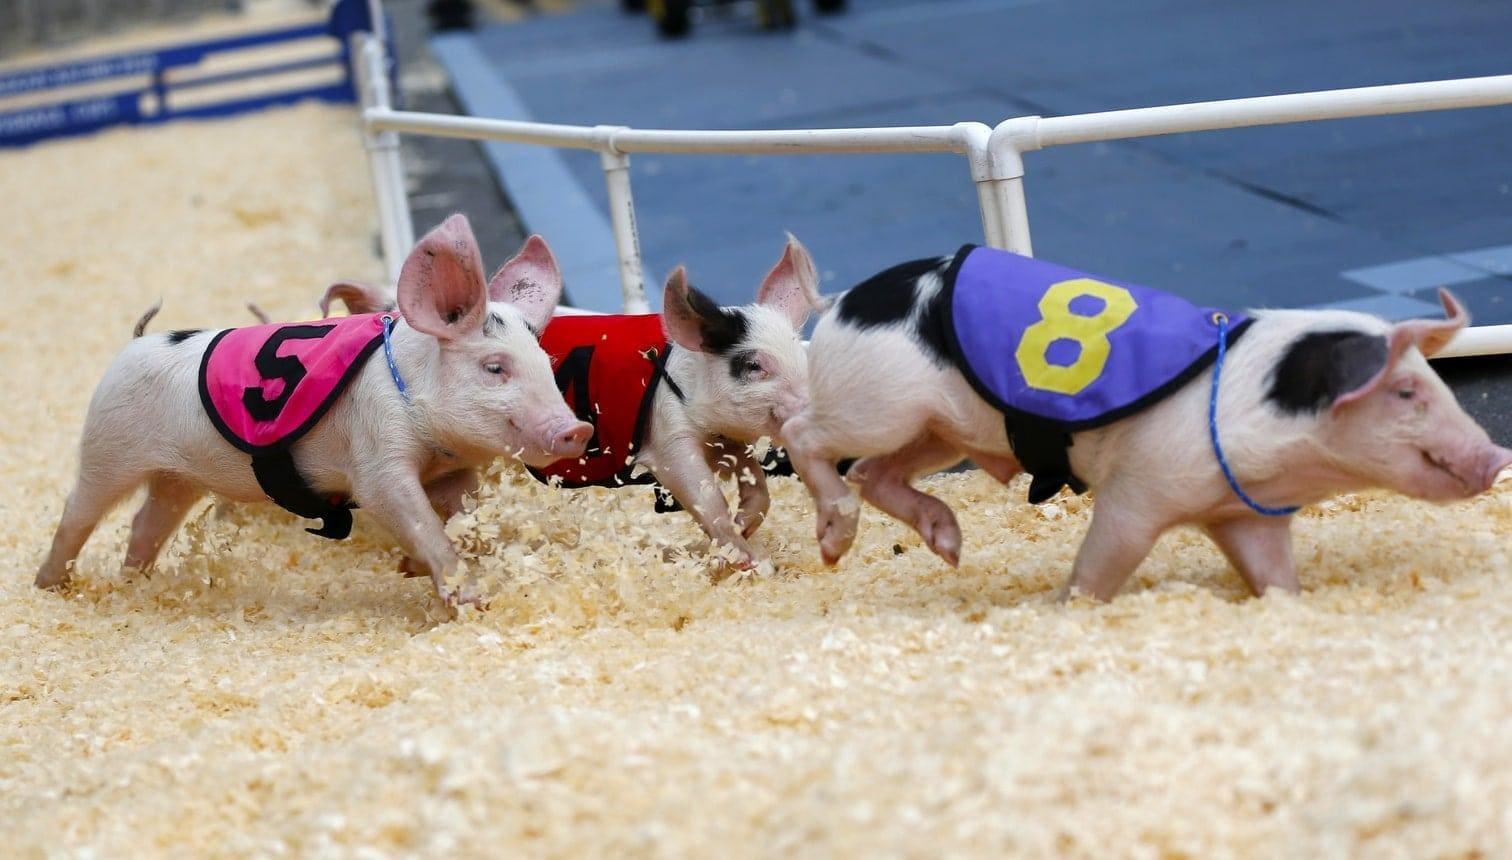 <p>Schweine laufen im Outfit und im Stil von Rennpferden um ein Oval.</p> Foto: dpa/Li Ying